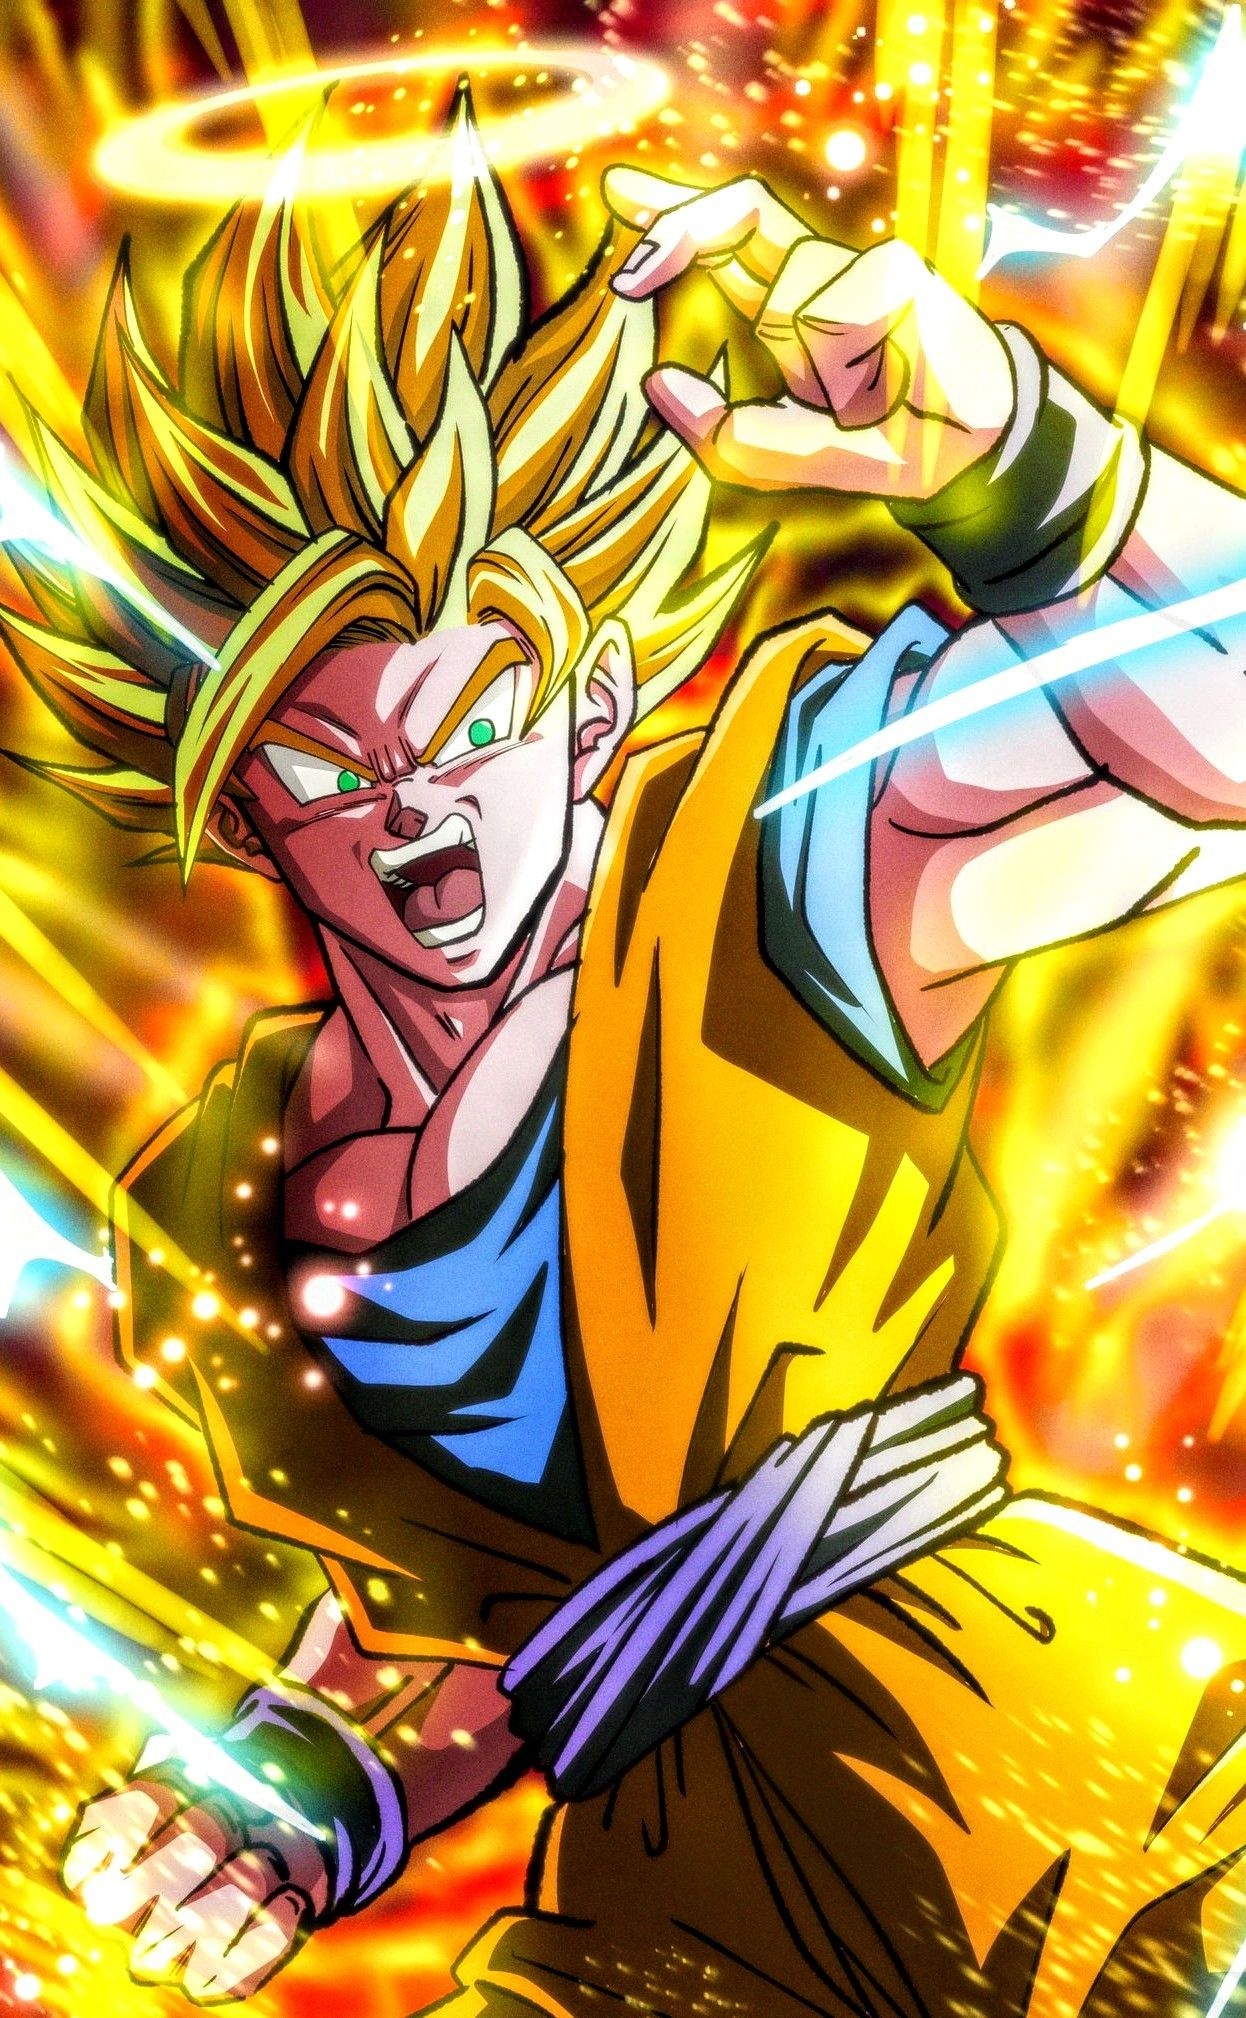 Goku Ssj2 Anime Dragon Ball Goku Dragon Ball Super Manga Dragon Ball Art Son goku dragon ball super saiyan